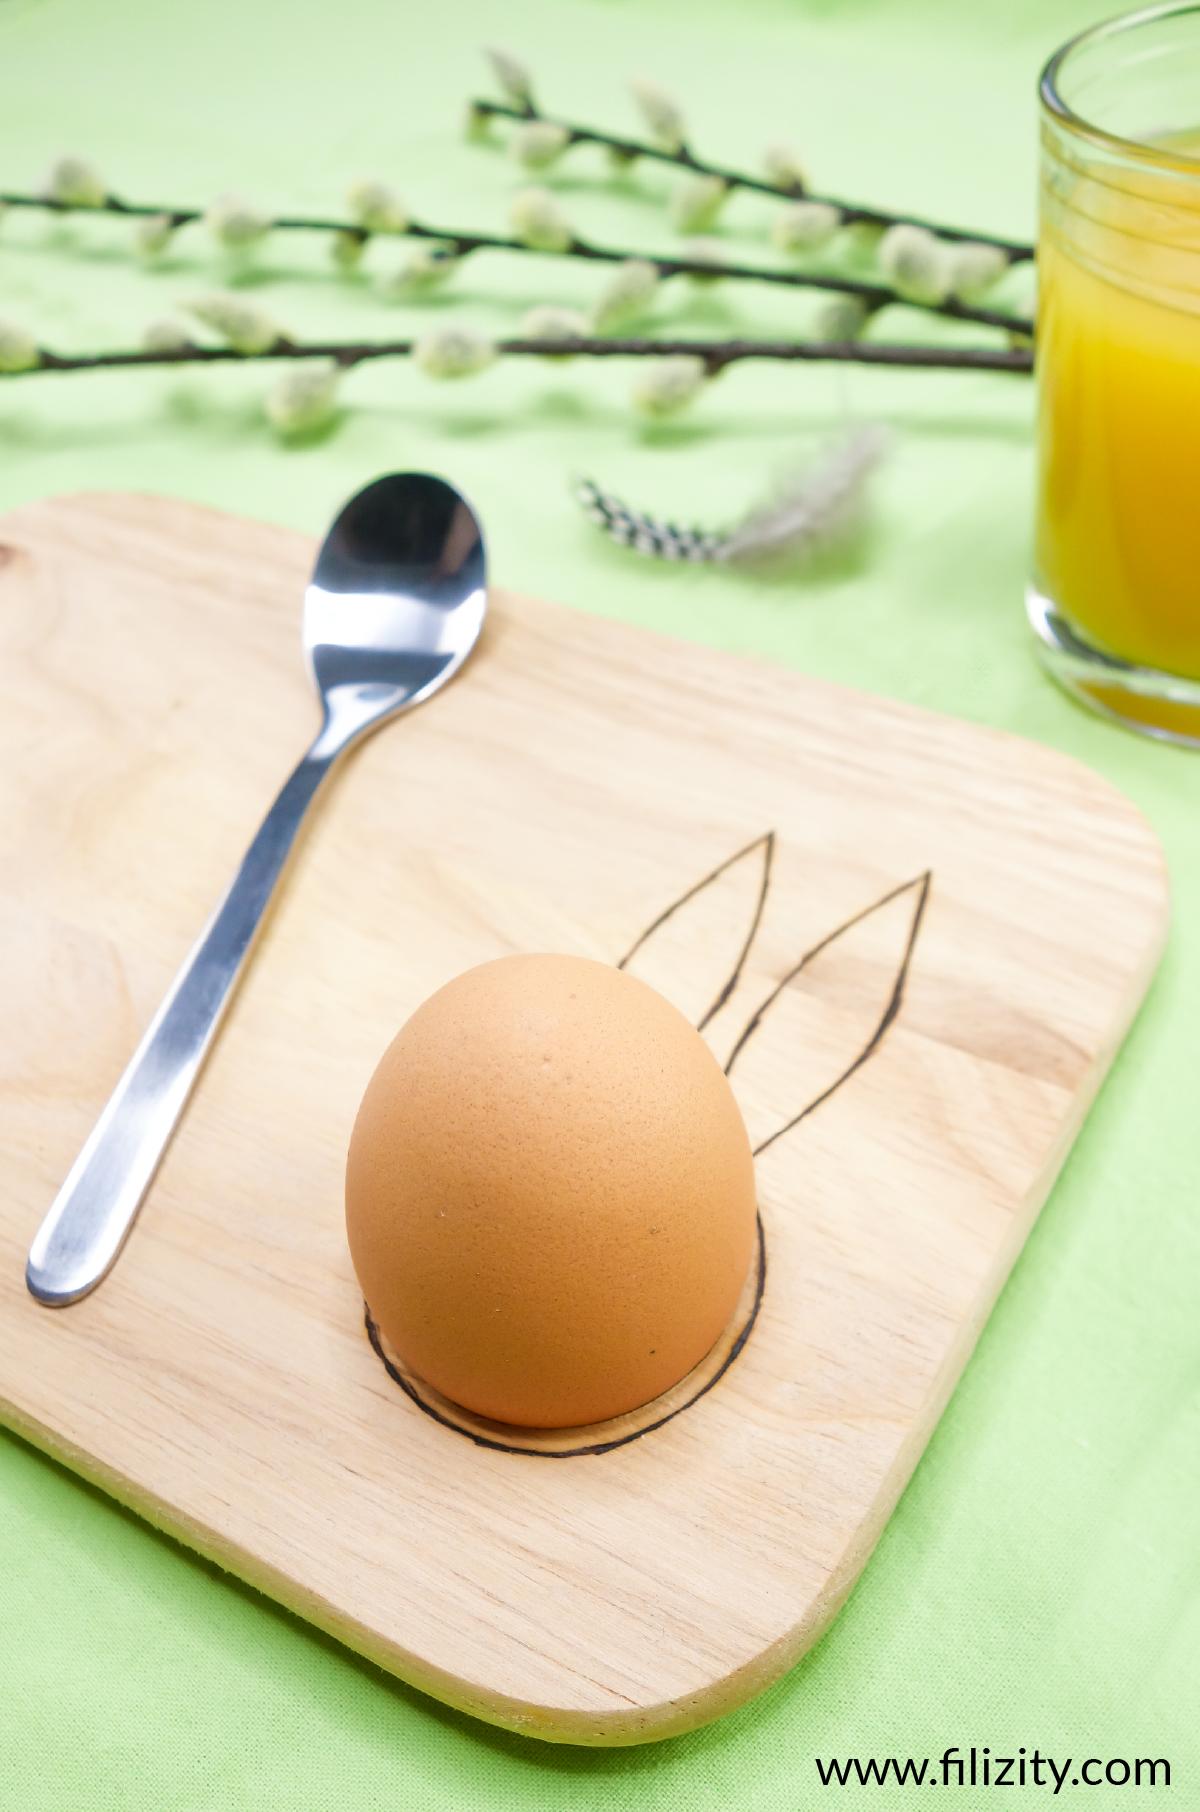 Selbst gemachtes Oster-Frühstücksbrett mit Eierbecher und Hasenohren Brandmalerei, ein Frühstücksei, ein Metalllöffel und ein Glas Orangensaft | Filizity.com - Kreativmagazin &DIY Blog